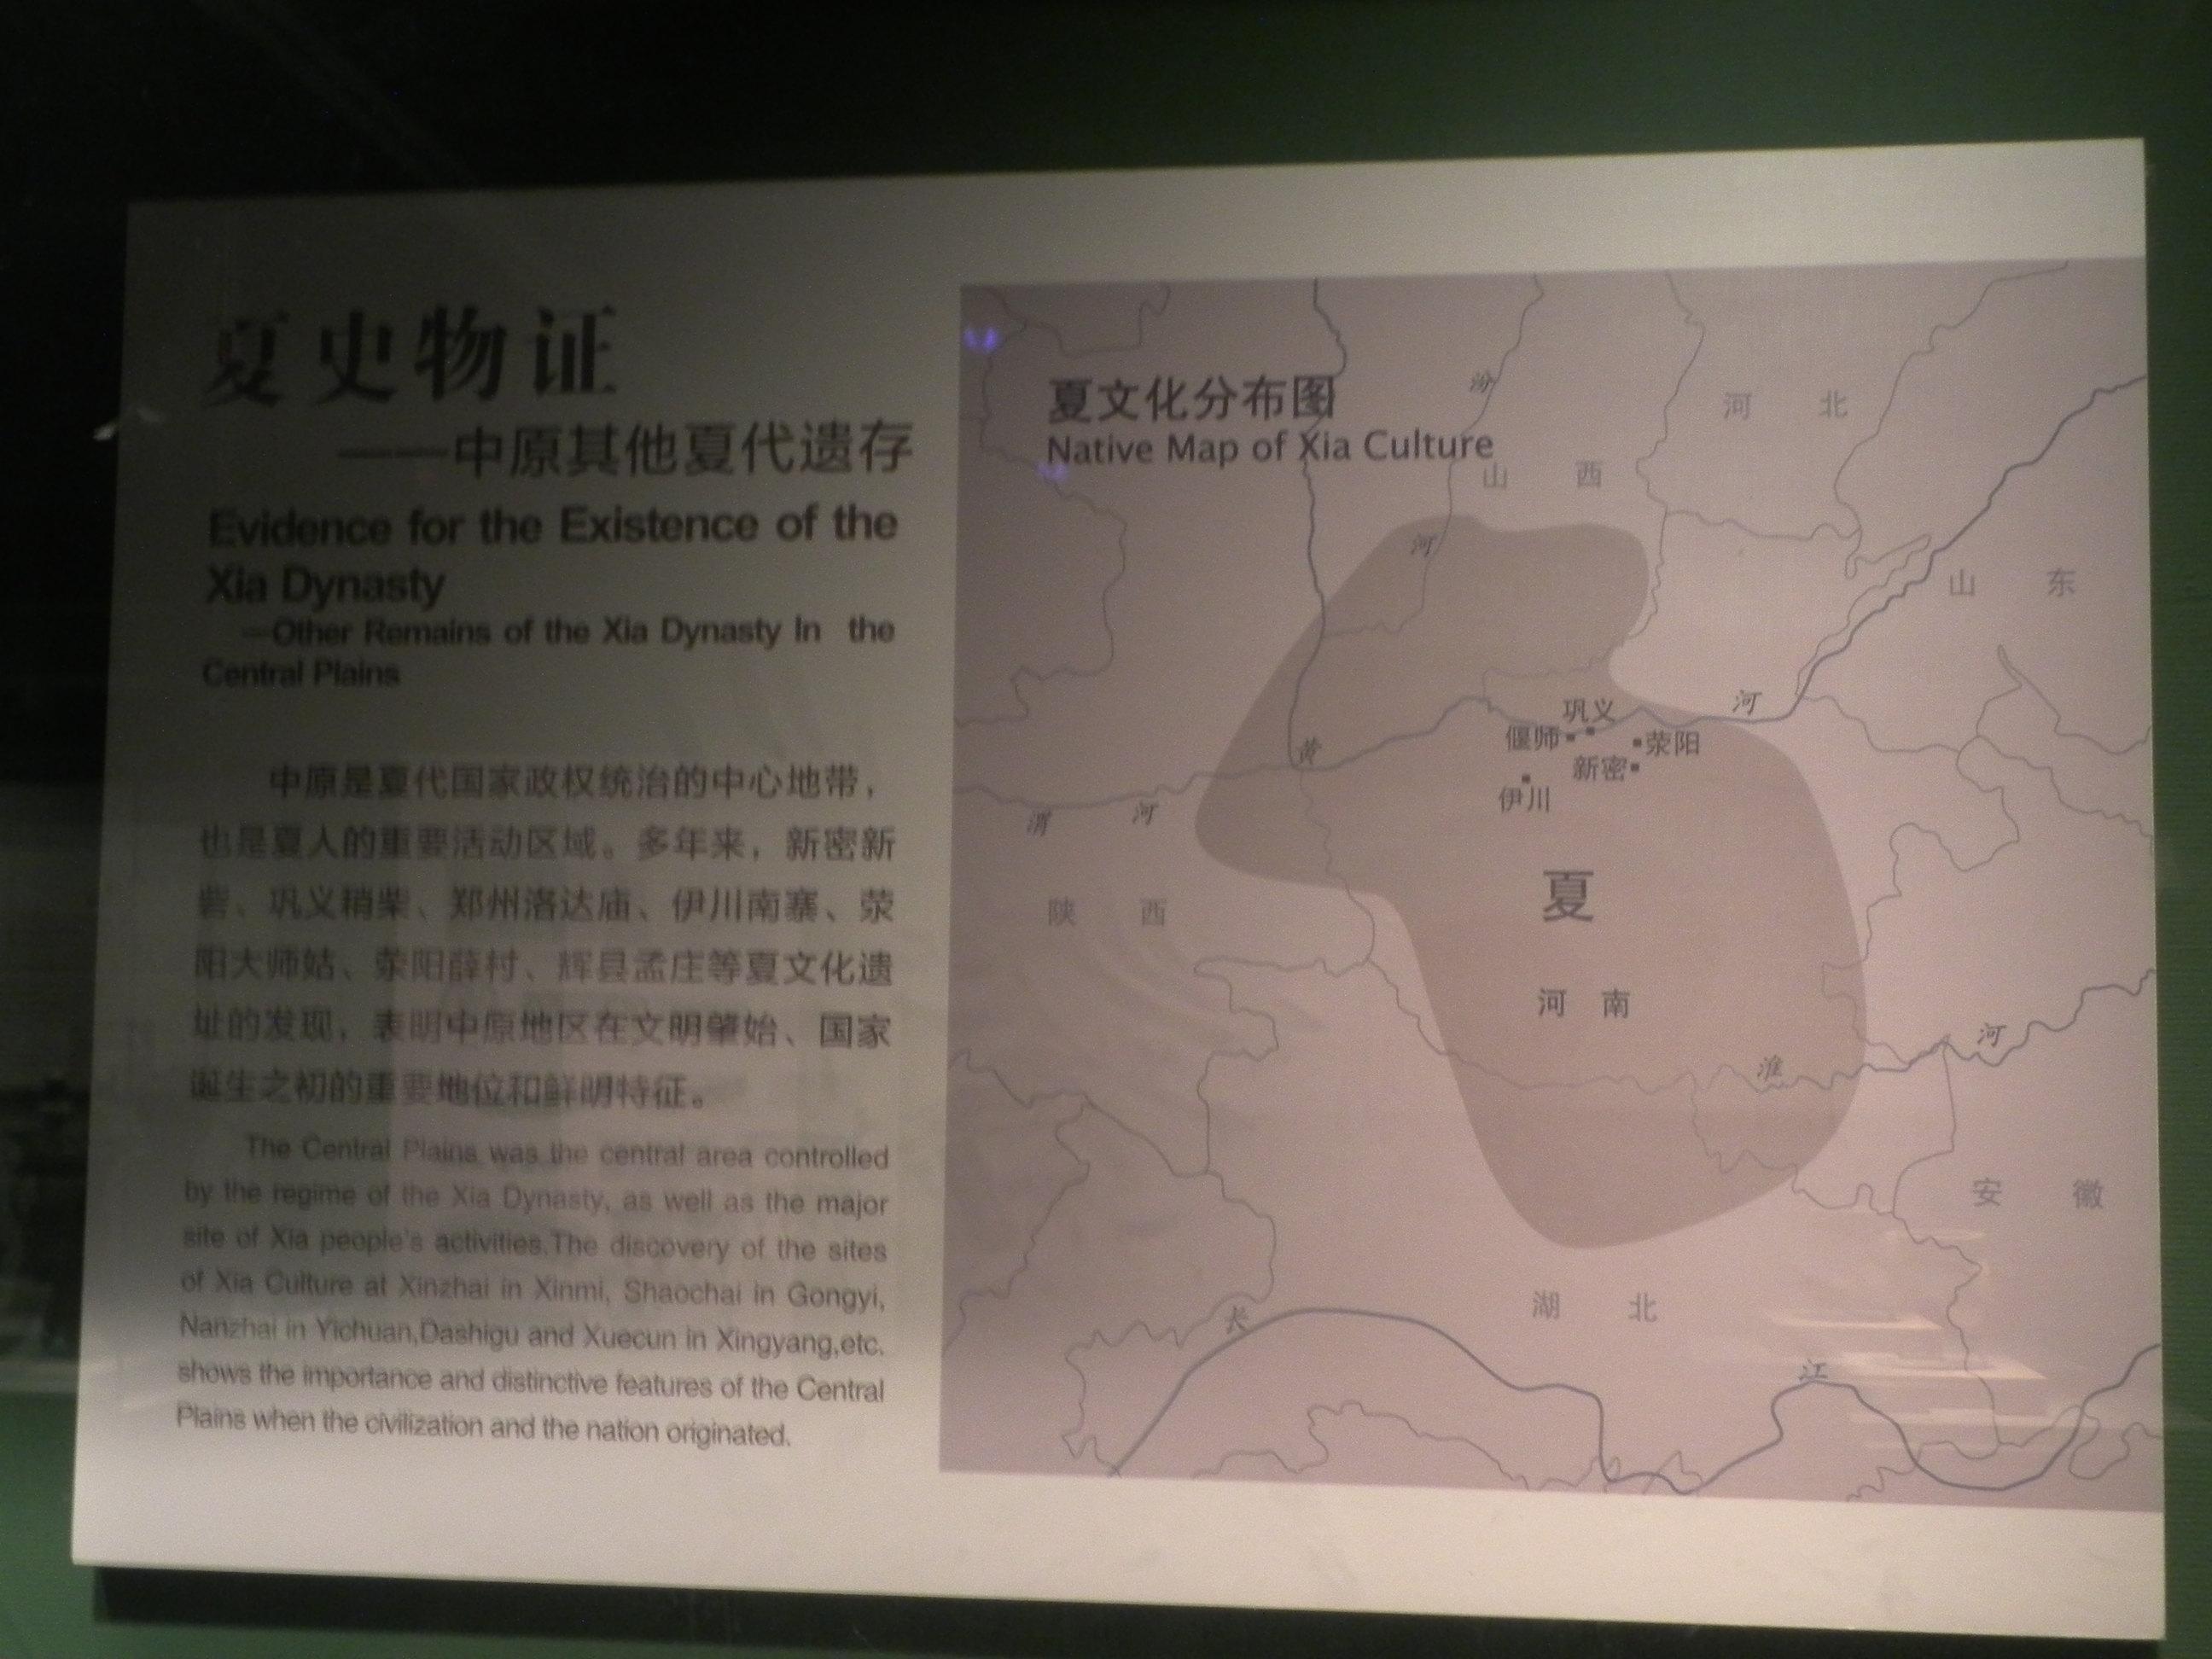 夏文化遗址分布范围